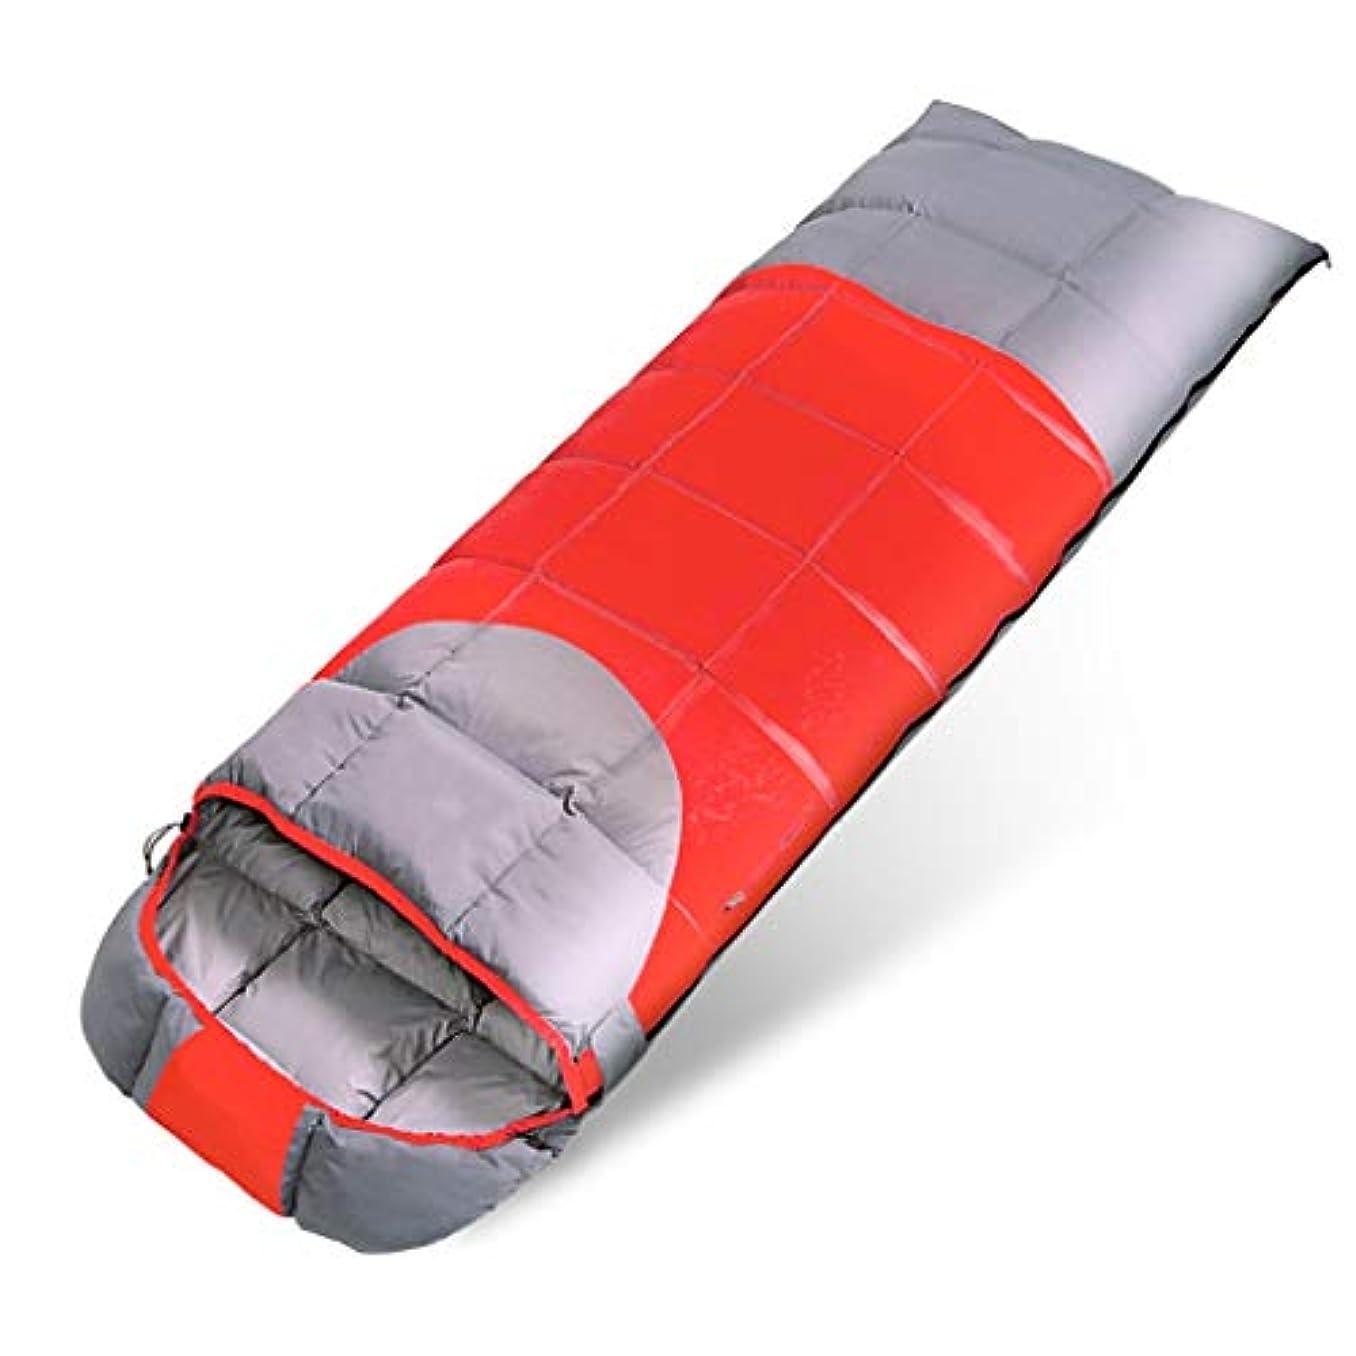 ドーム計画技術的な寝袋屋外キャンプ大人屋内ランチブレイクホテルでライナー分離汚れたポータブル(適切な-10°C-15°C) (色 : C)